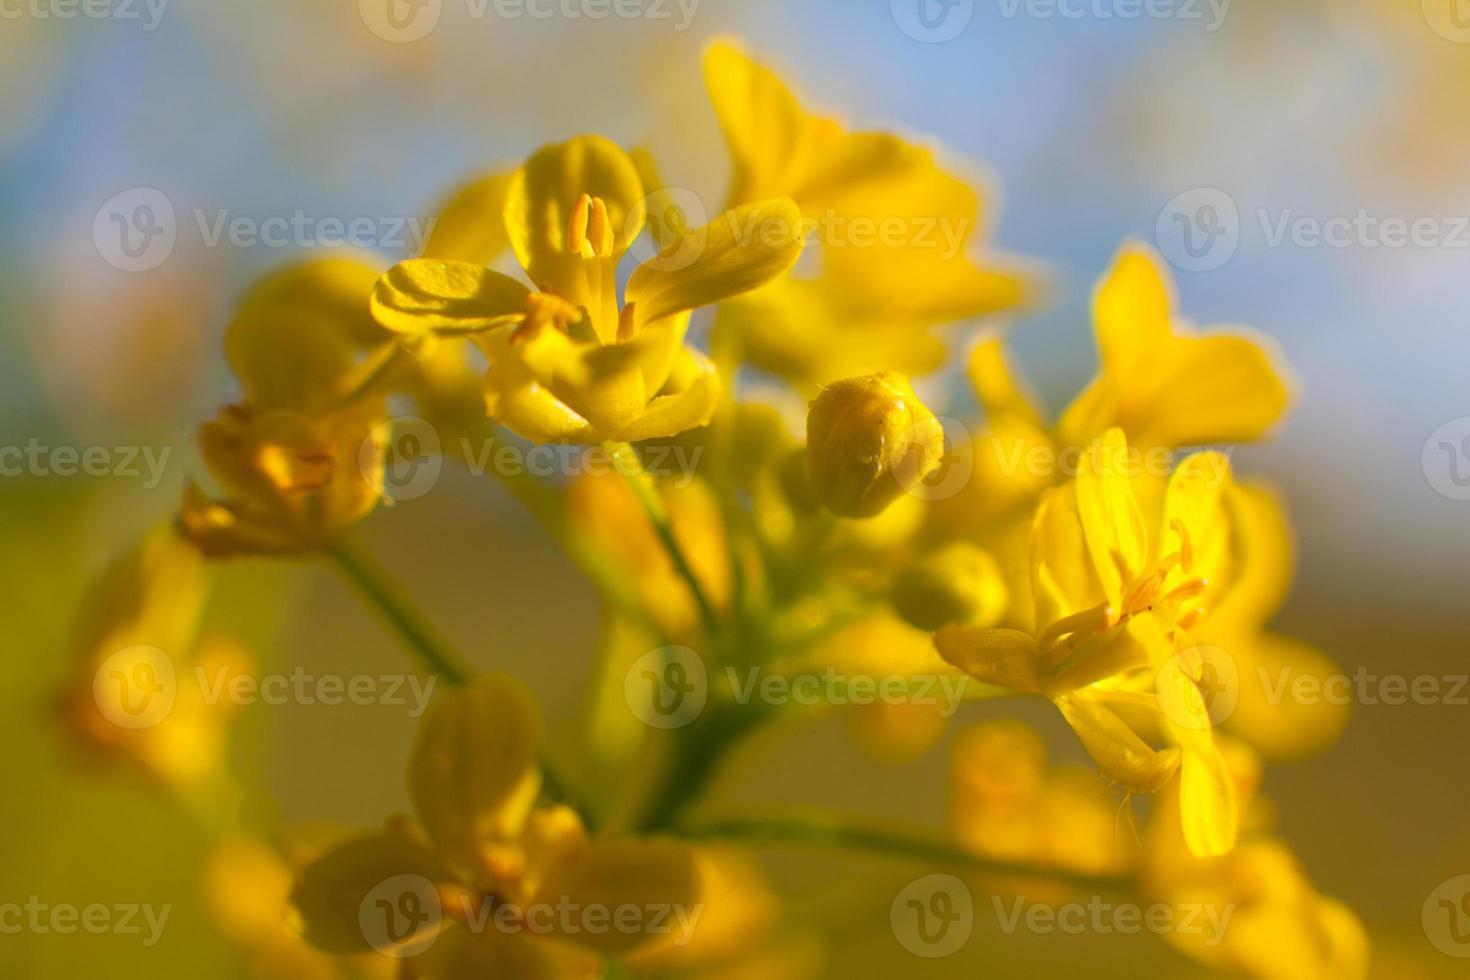 fiori a macroistruzione. foto